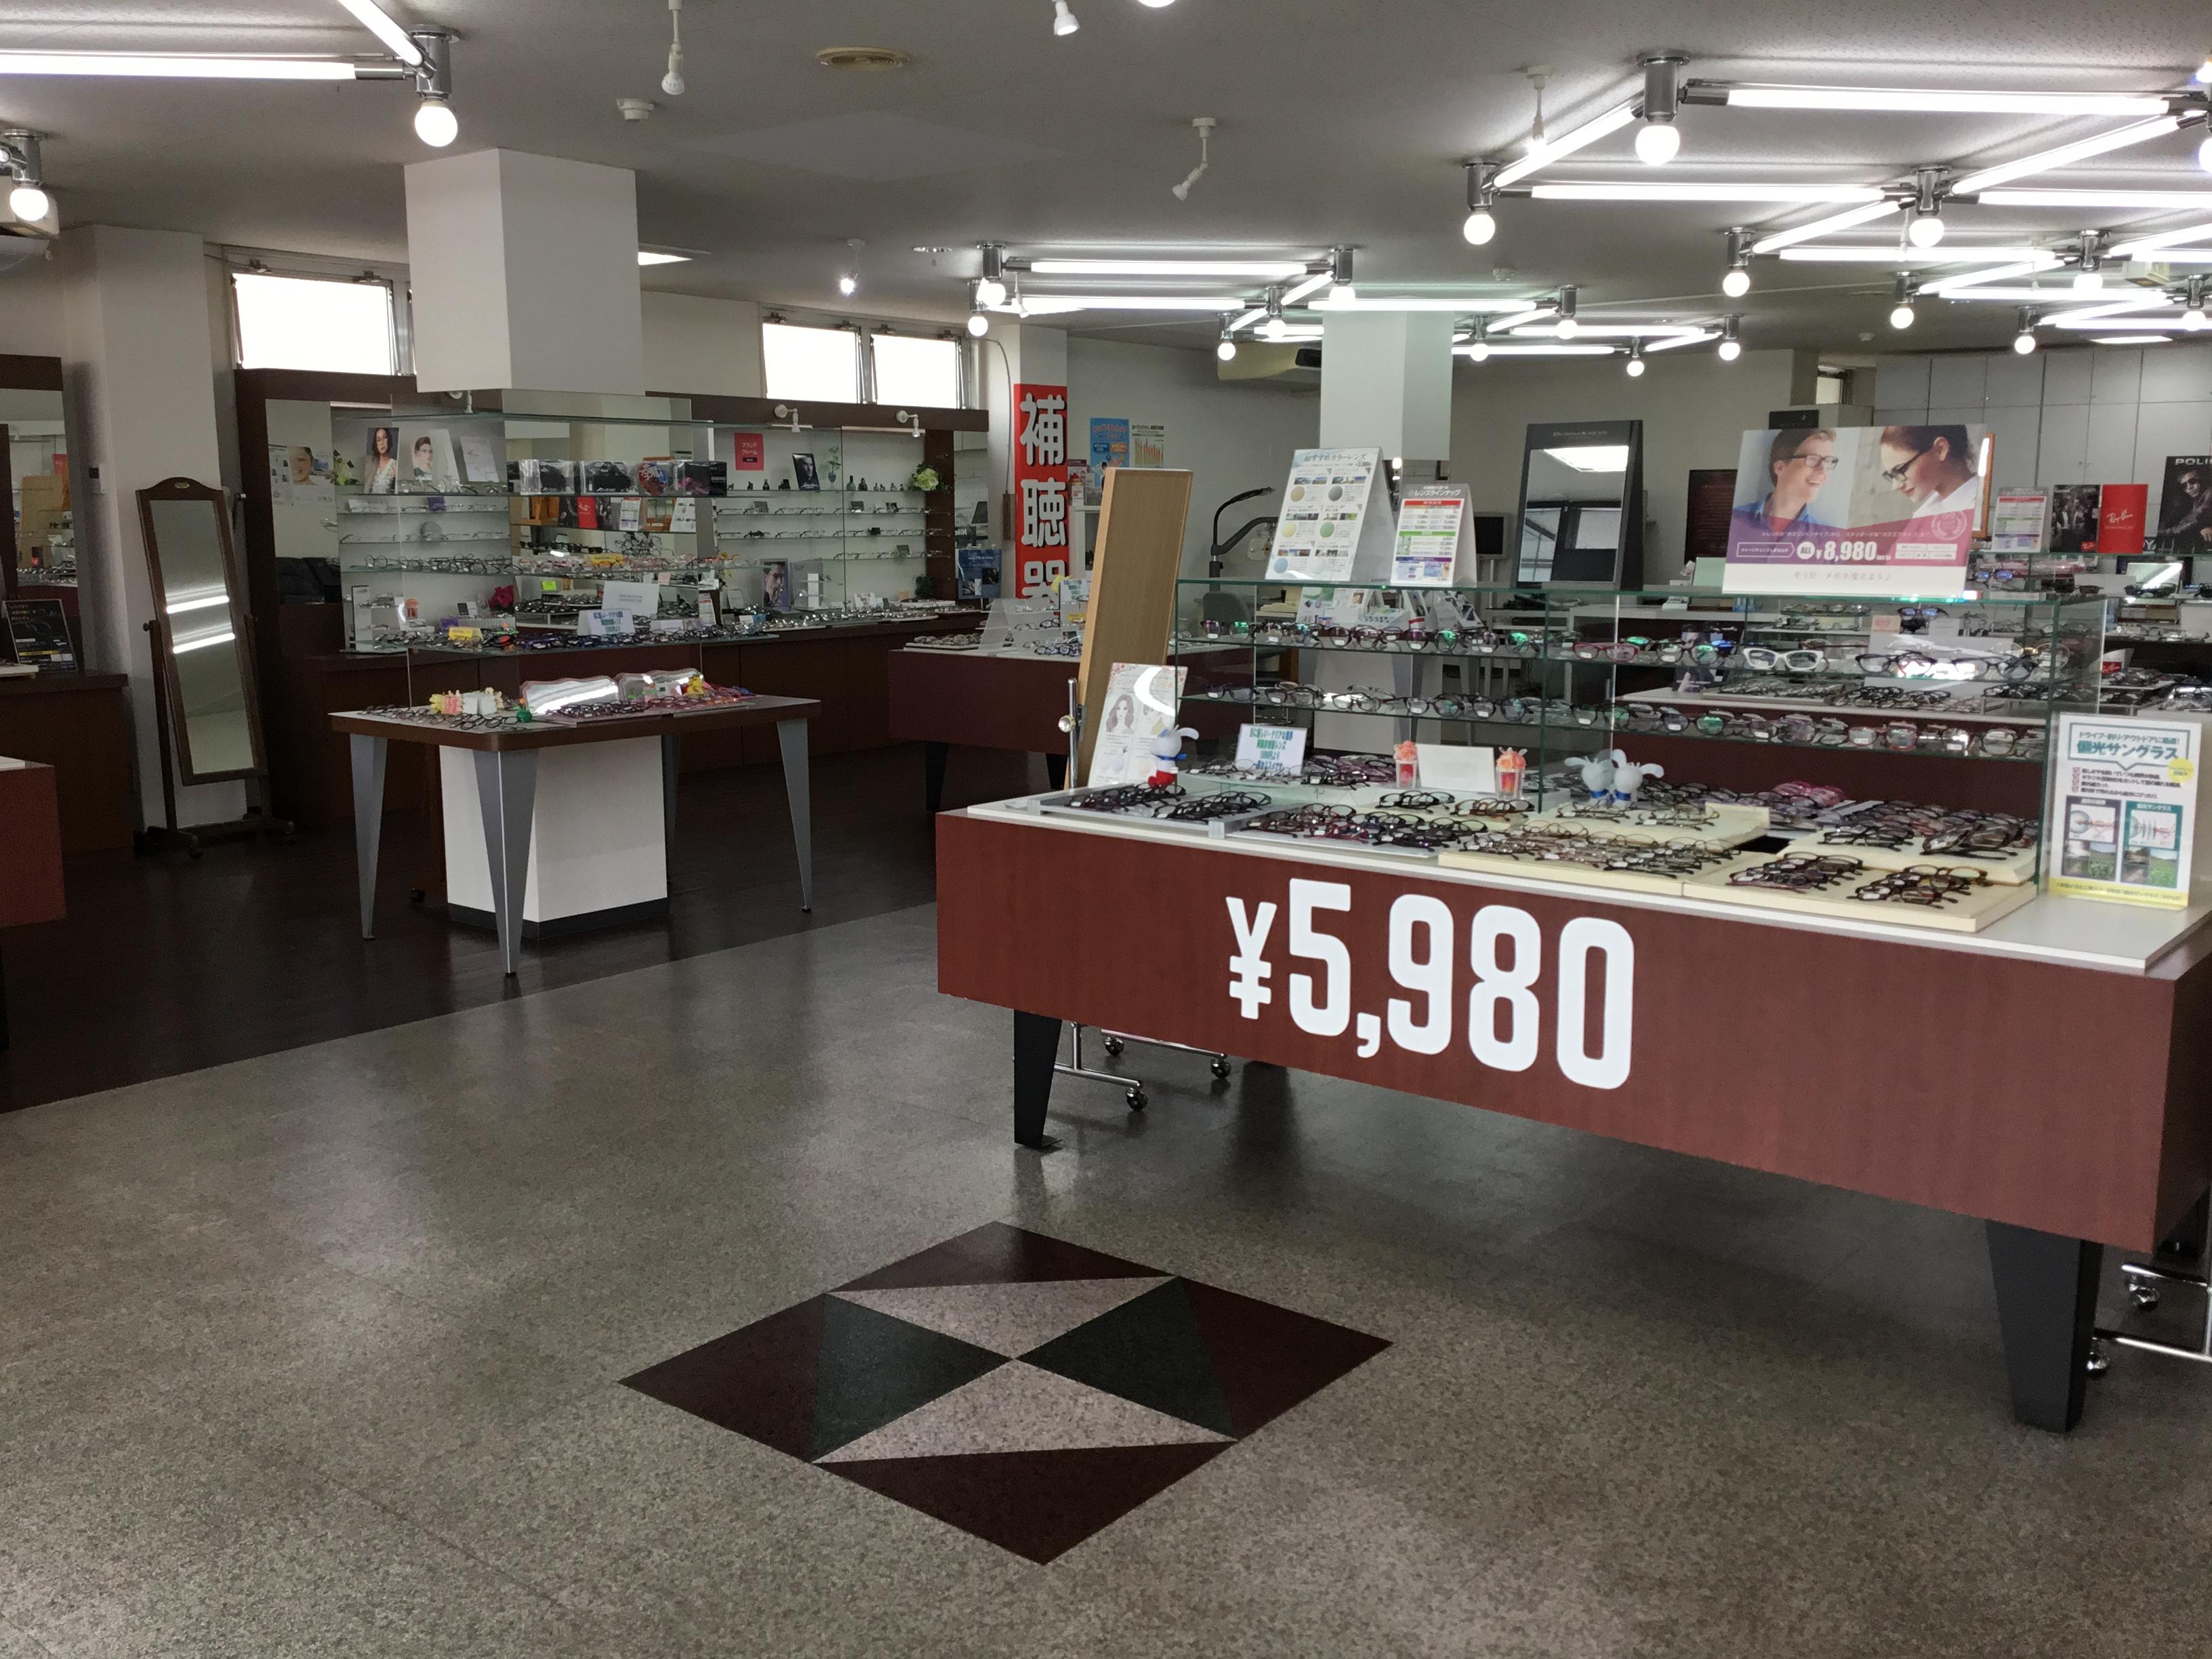 ビジョンメガネ 宝塚店画像2